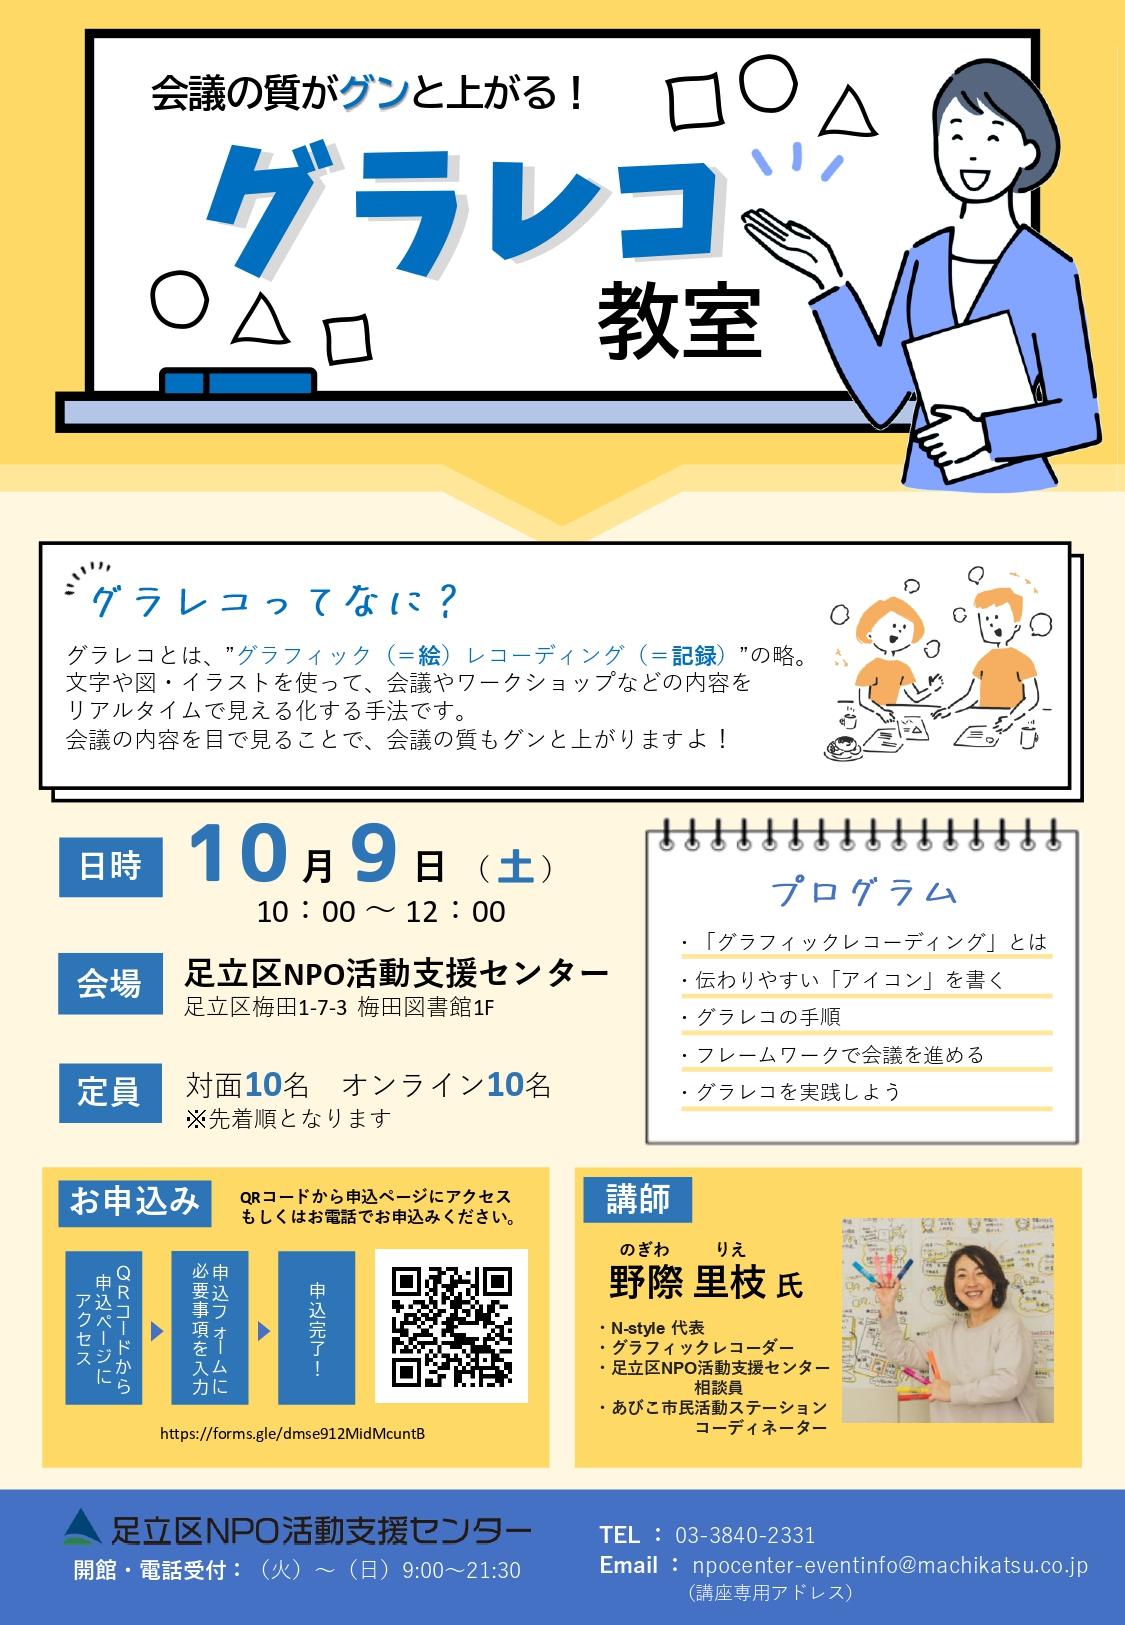 1013あだち協働パートナーサイト登録相談会_page-0001 (1).jpg